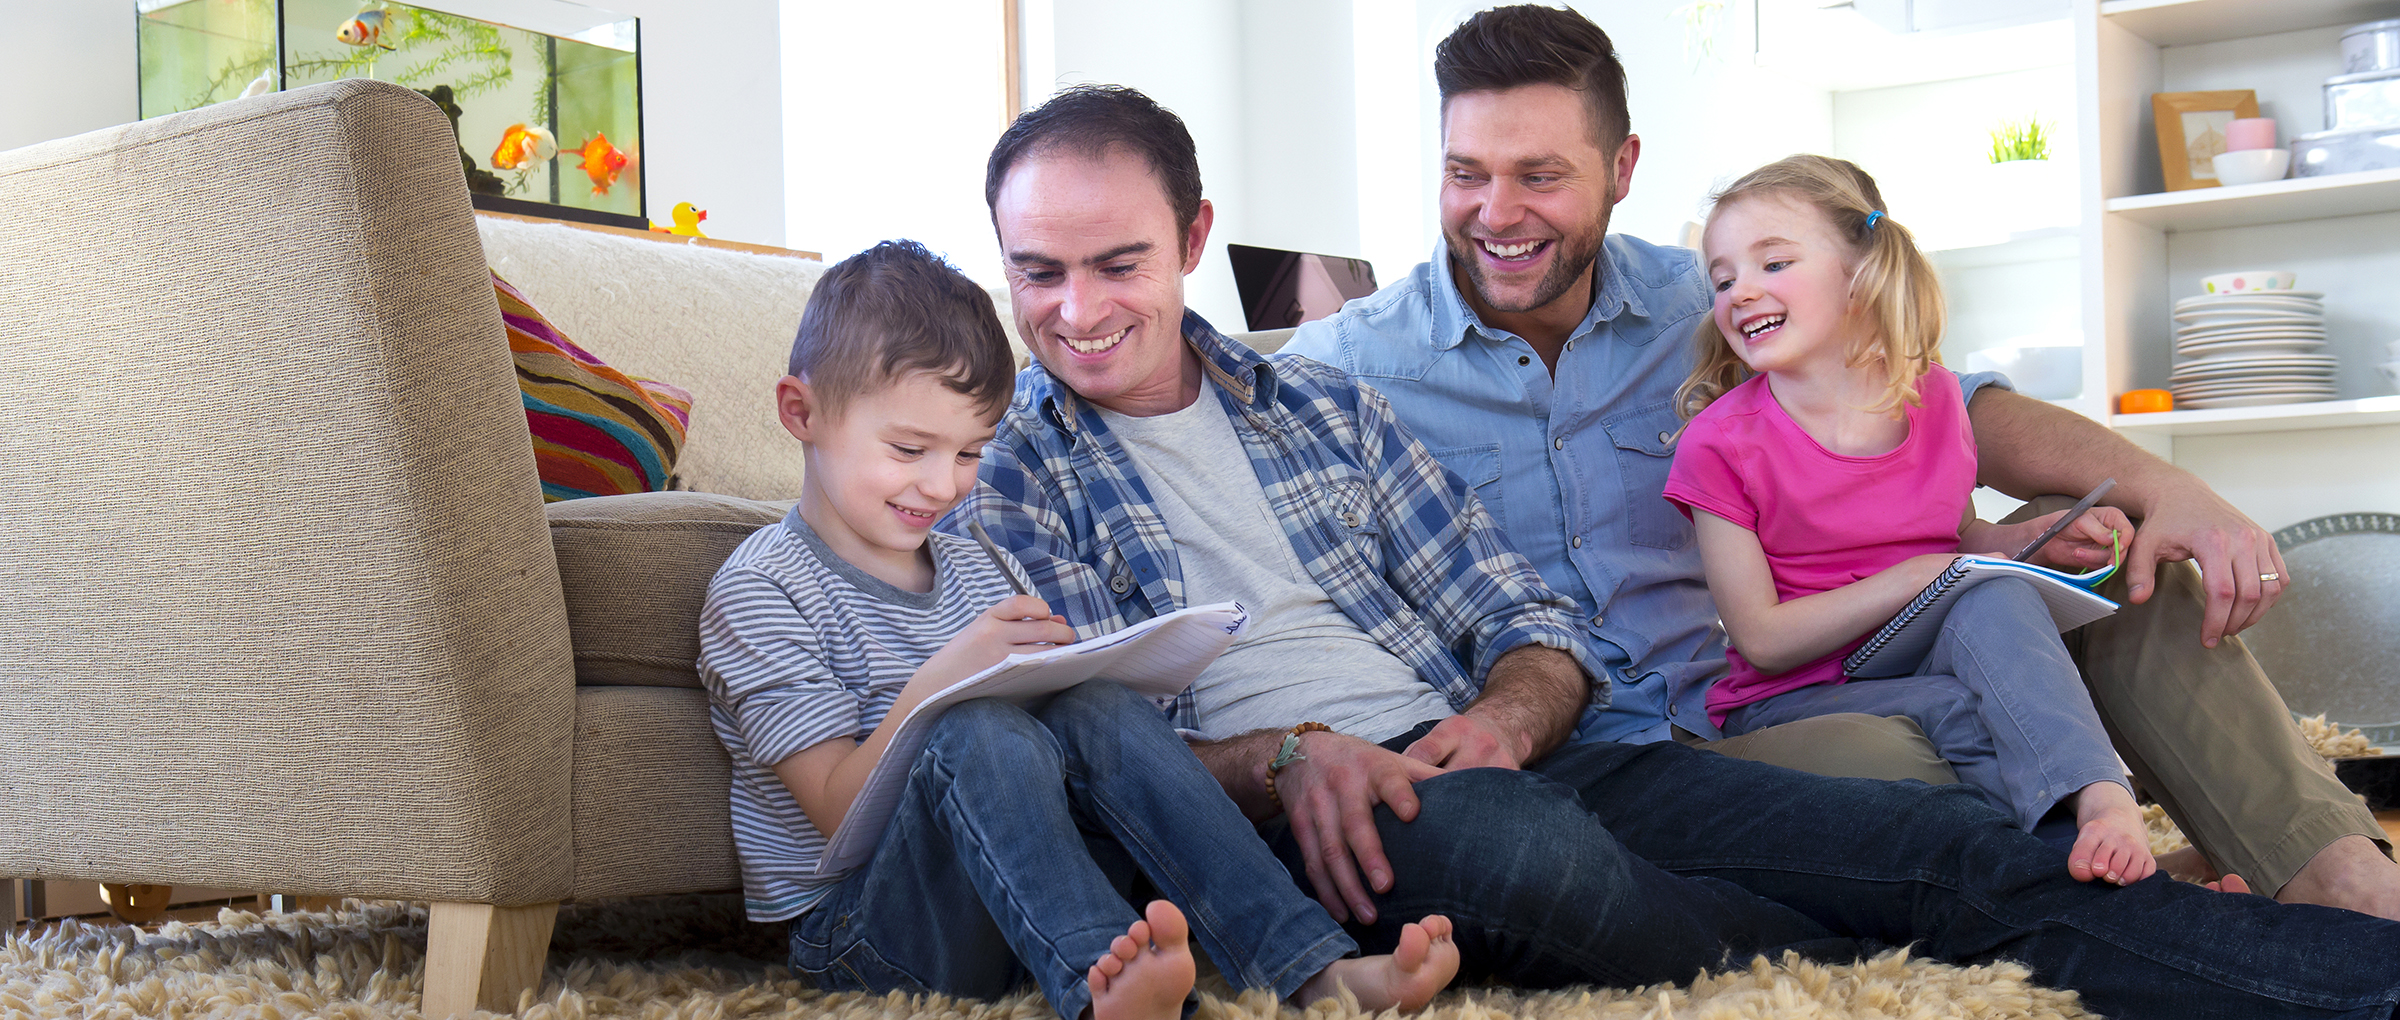 Paternidad homosexual, ¿a favor o en contra?